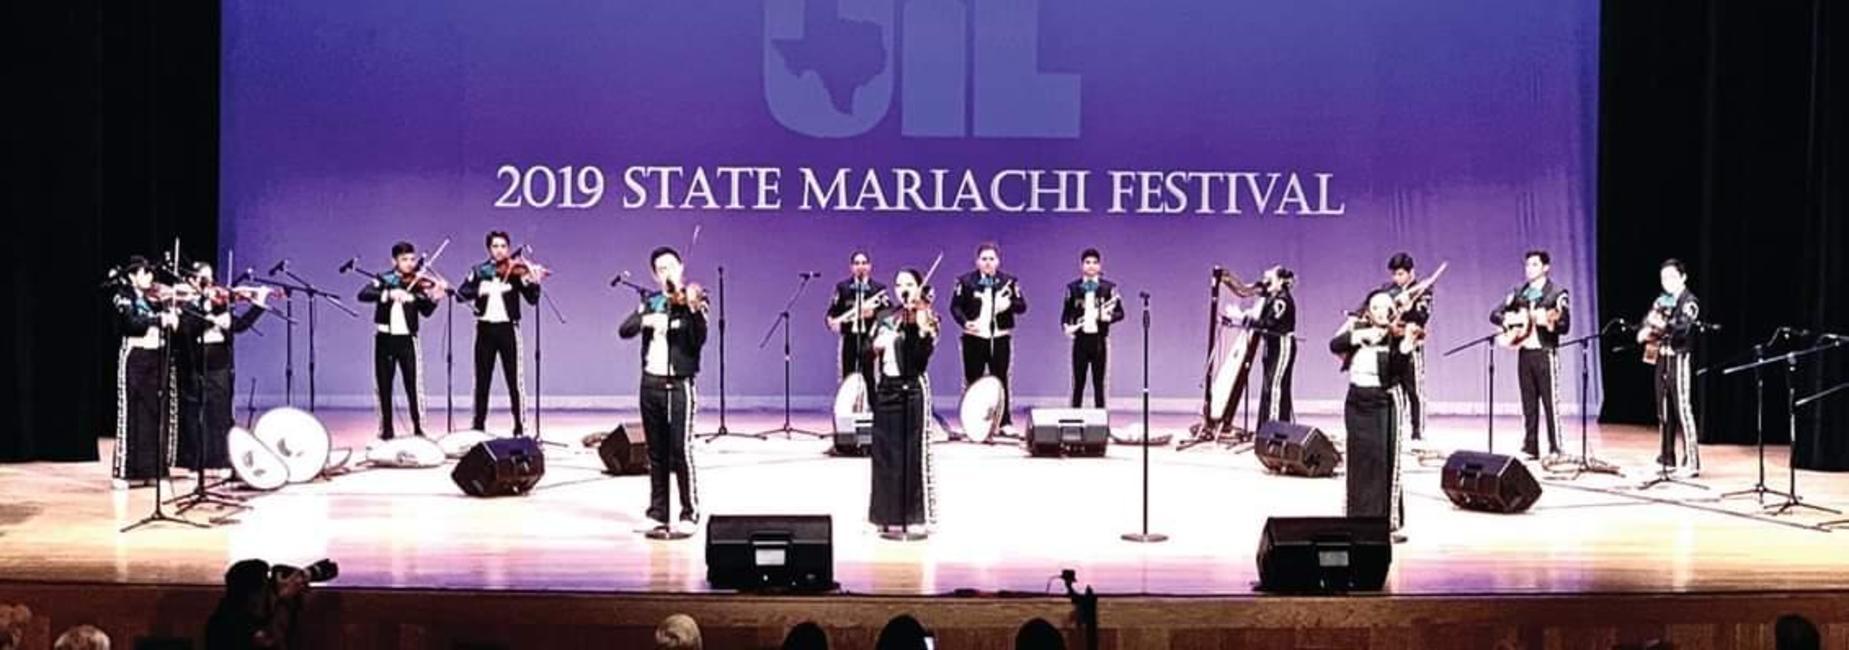 Mariachi Azteca